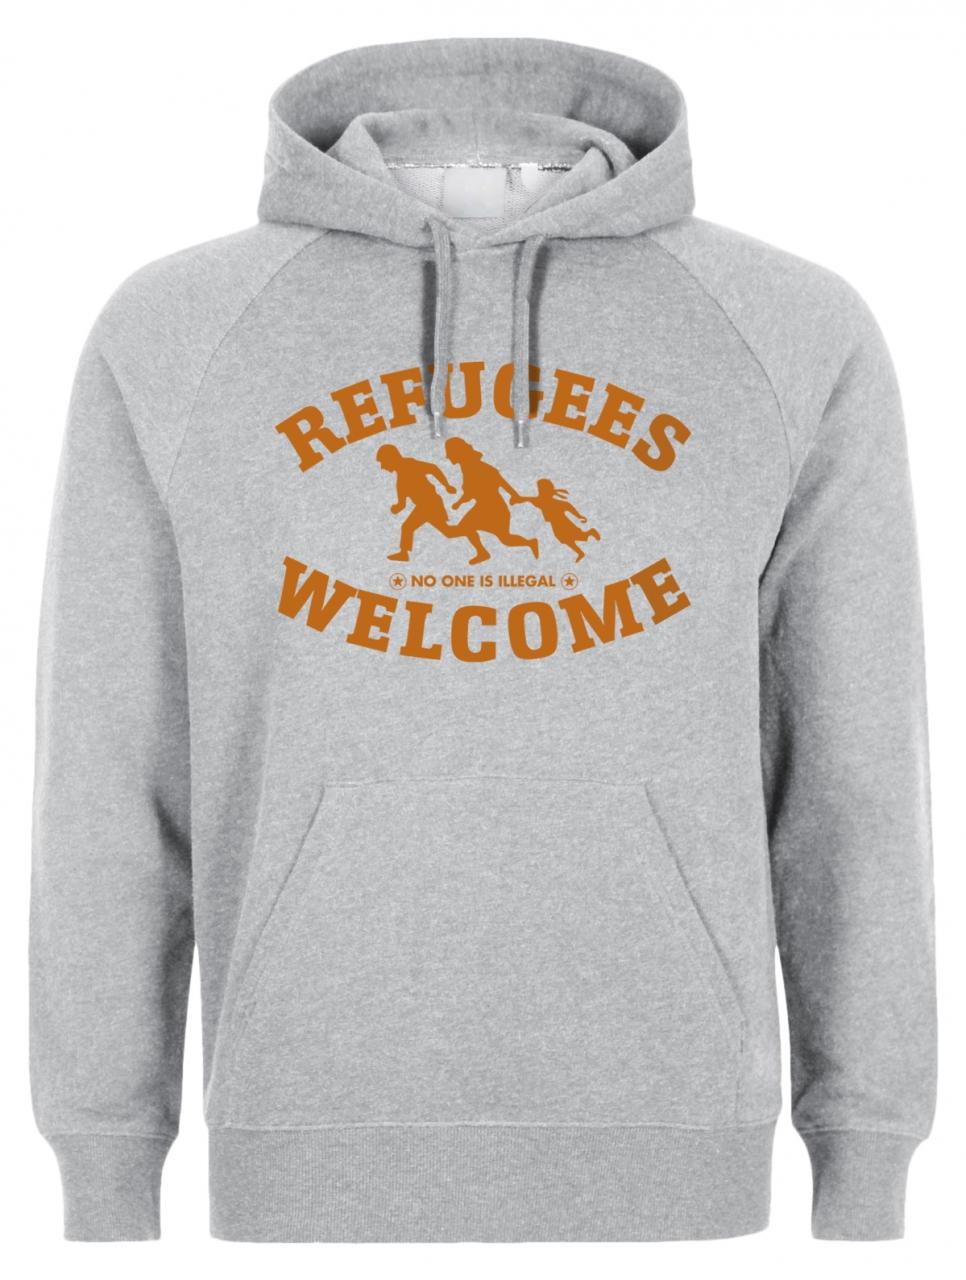 Refugees welcome Hoody Grau mit orangener Aufschrift - No one is illegal